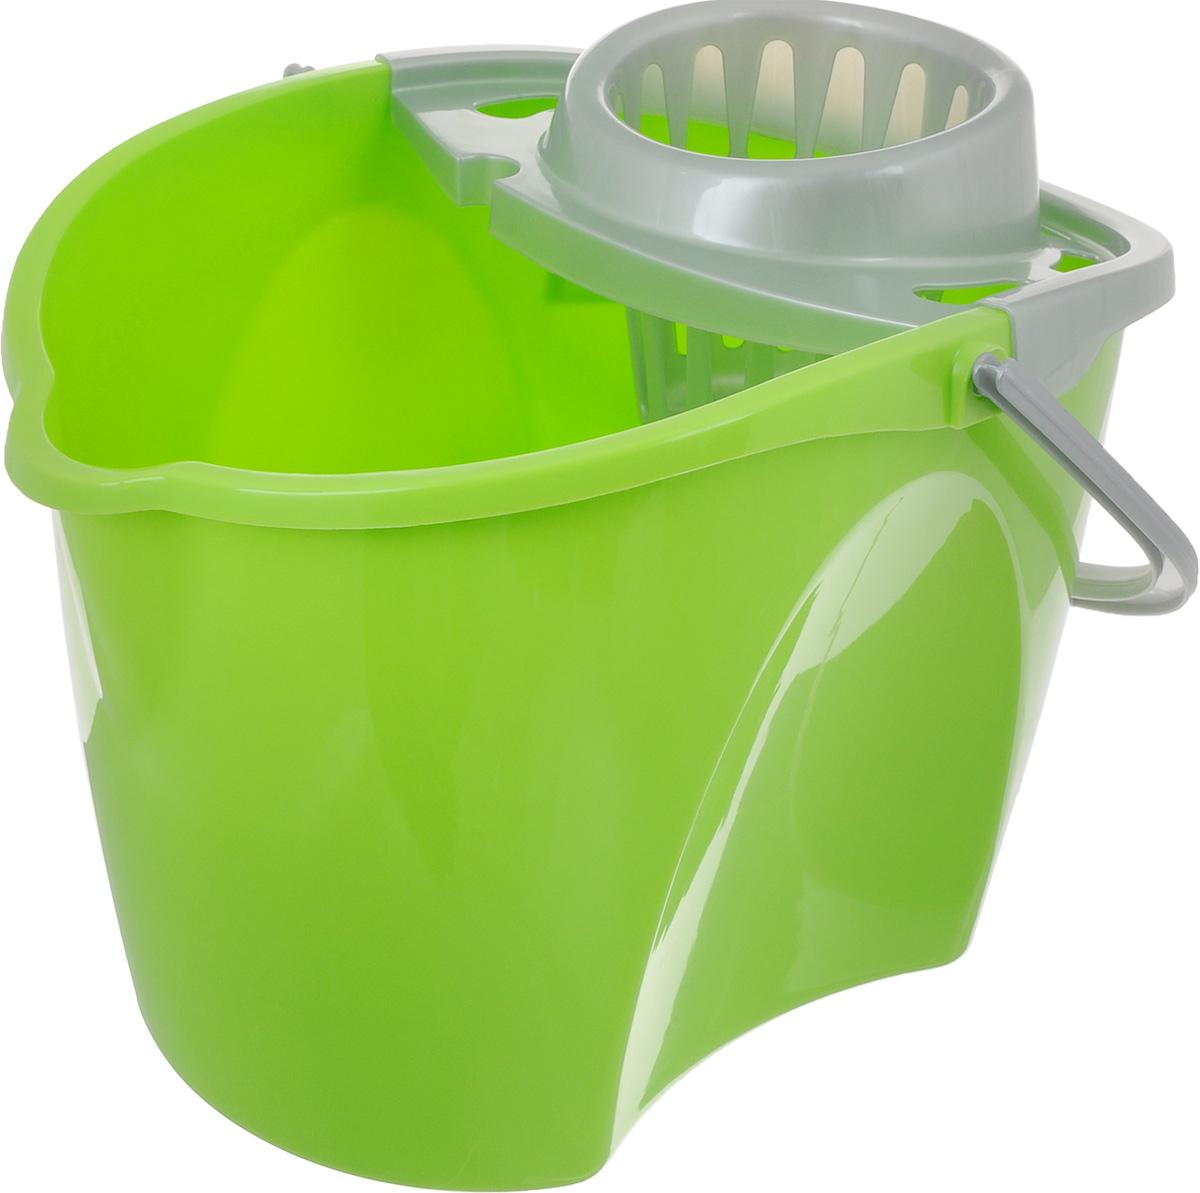 Ведро Paclan Green Mop с отжимом, 12 л412180/412130Ведро с отжимом Paclan Green Mop, изготовленное из высококачественного прочного пластика, оснащено съемной вставкой для отжима швабры и удобной ручкой для переноски. Такое ведро пригодится в каждом доме, а стильный дизайн сделает его желанным для любой хозяйки.